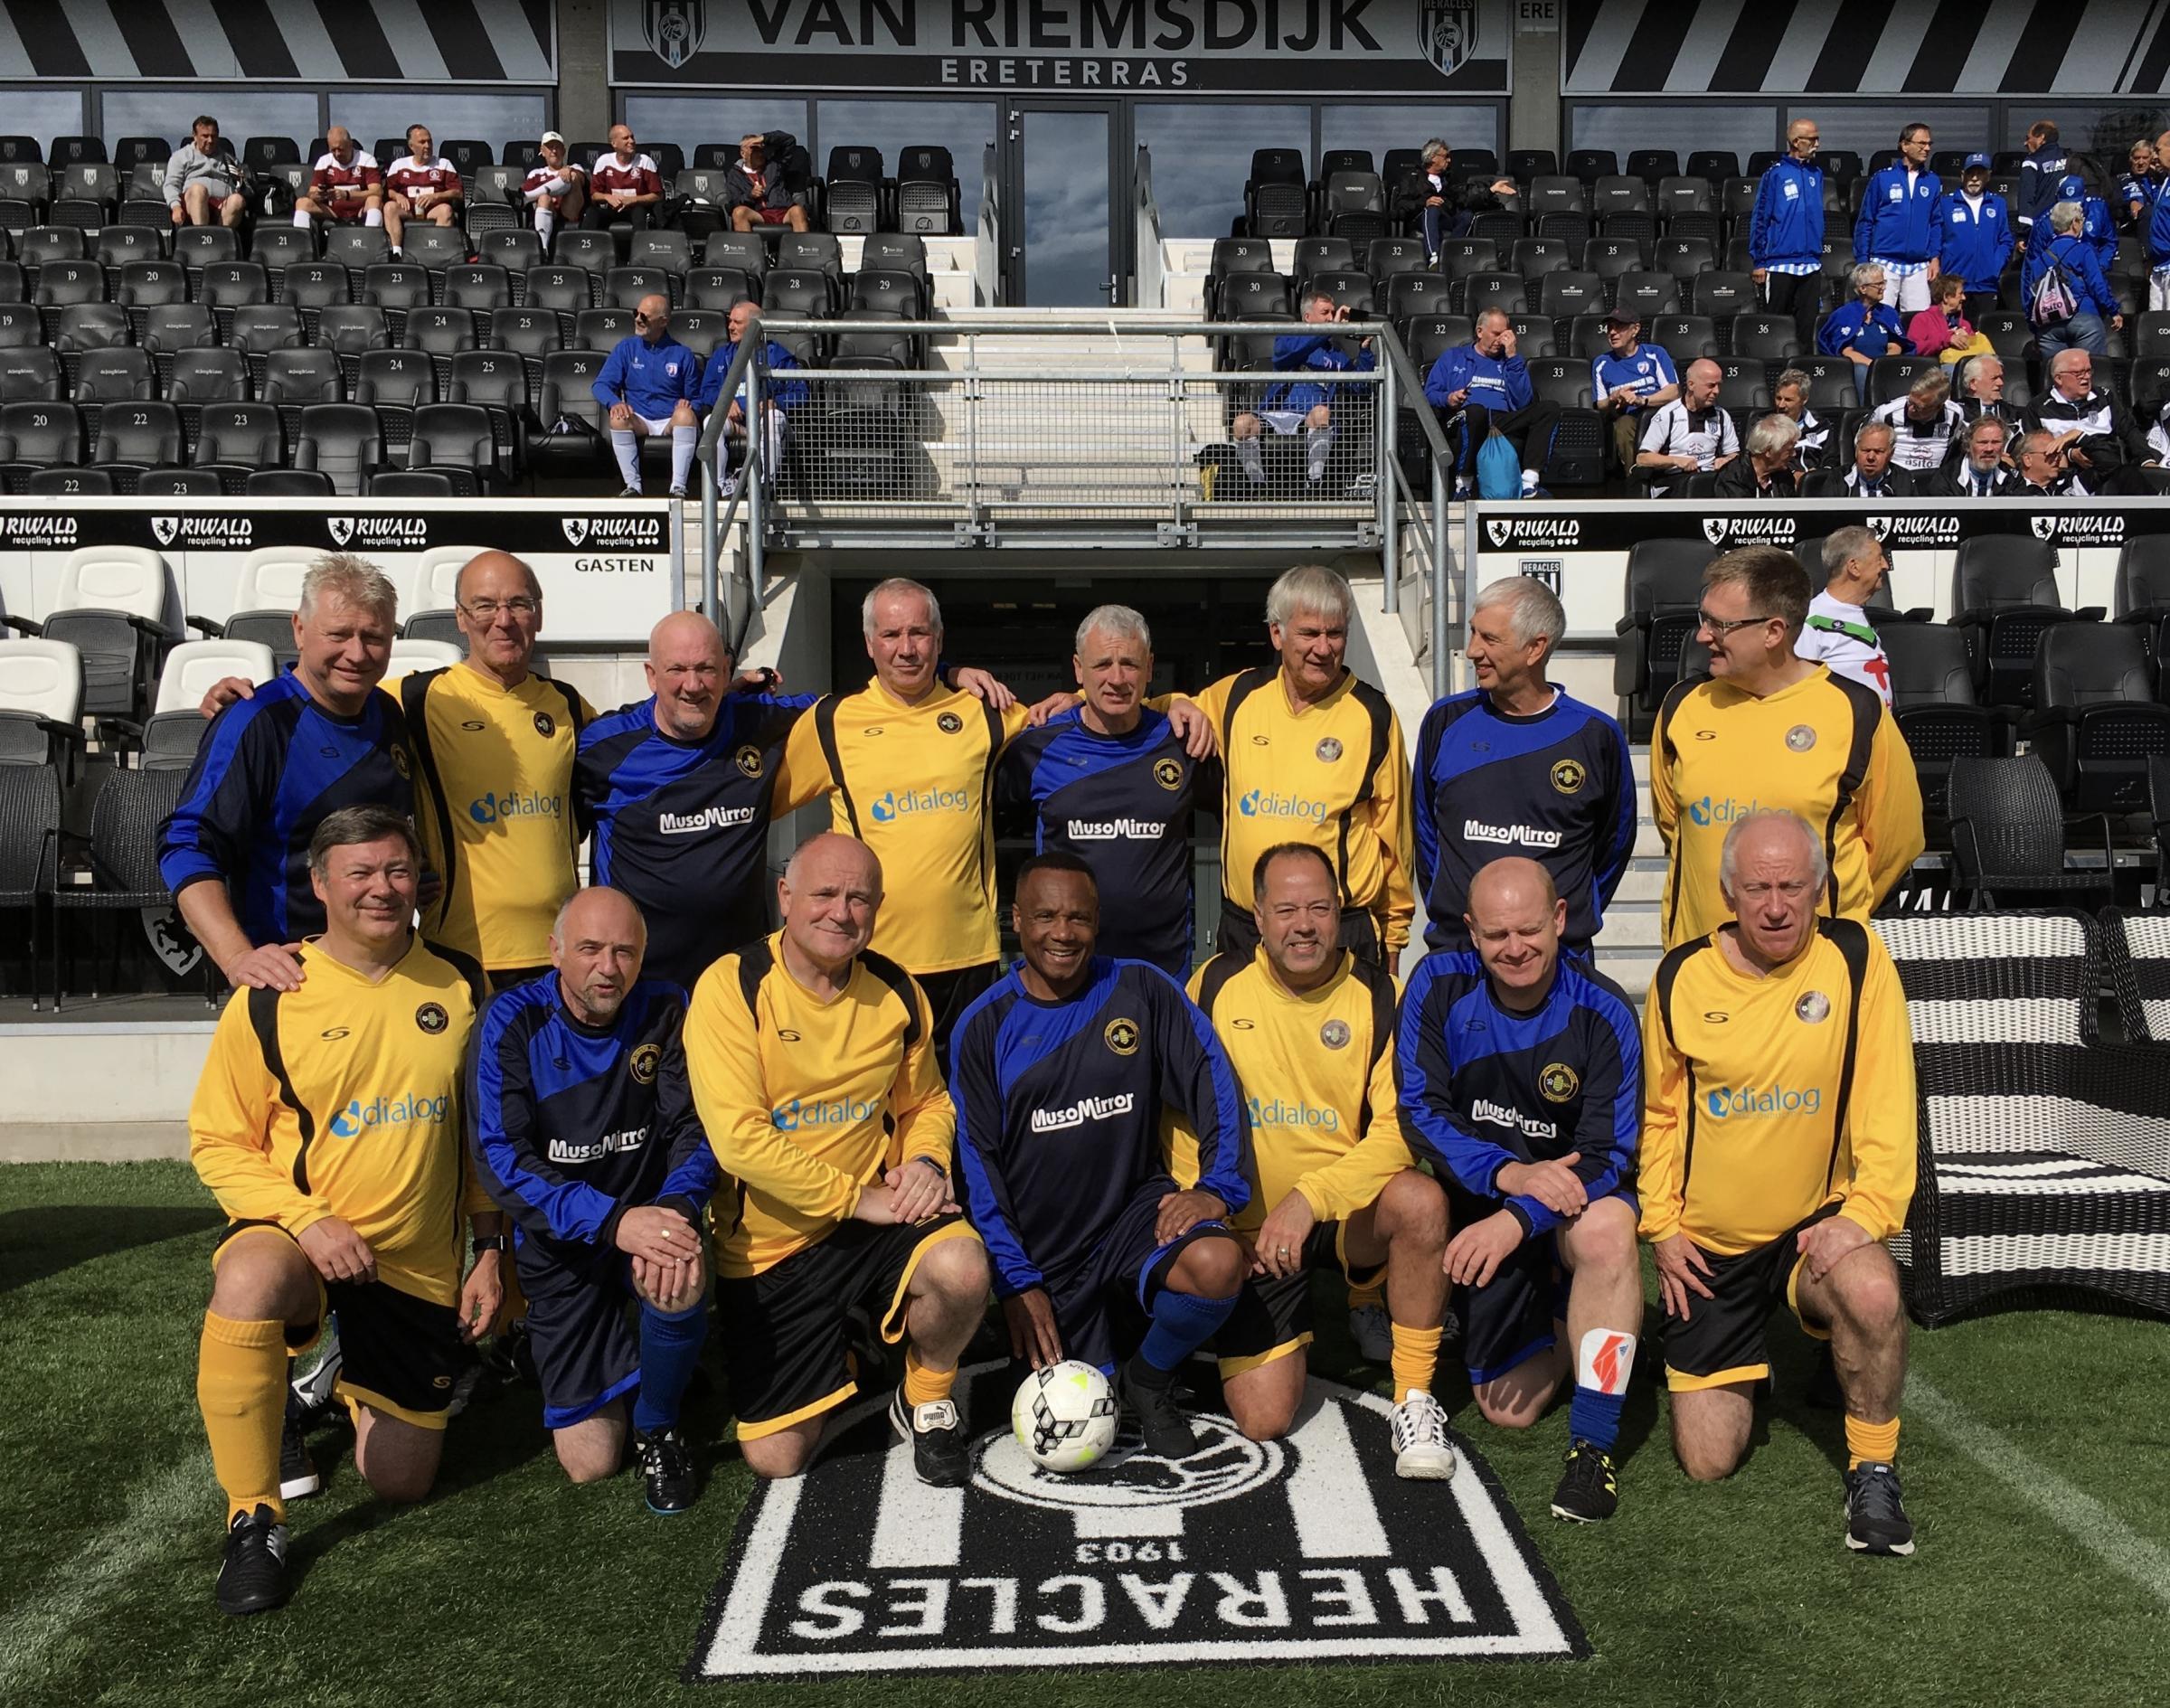 Tackling prostate cancer together